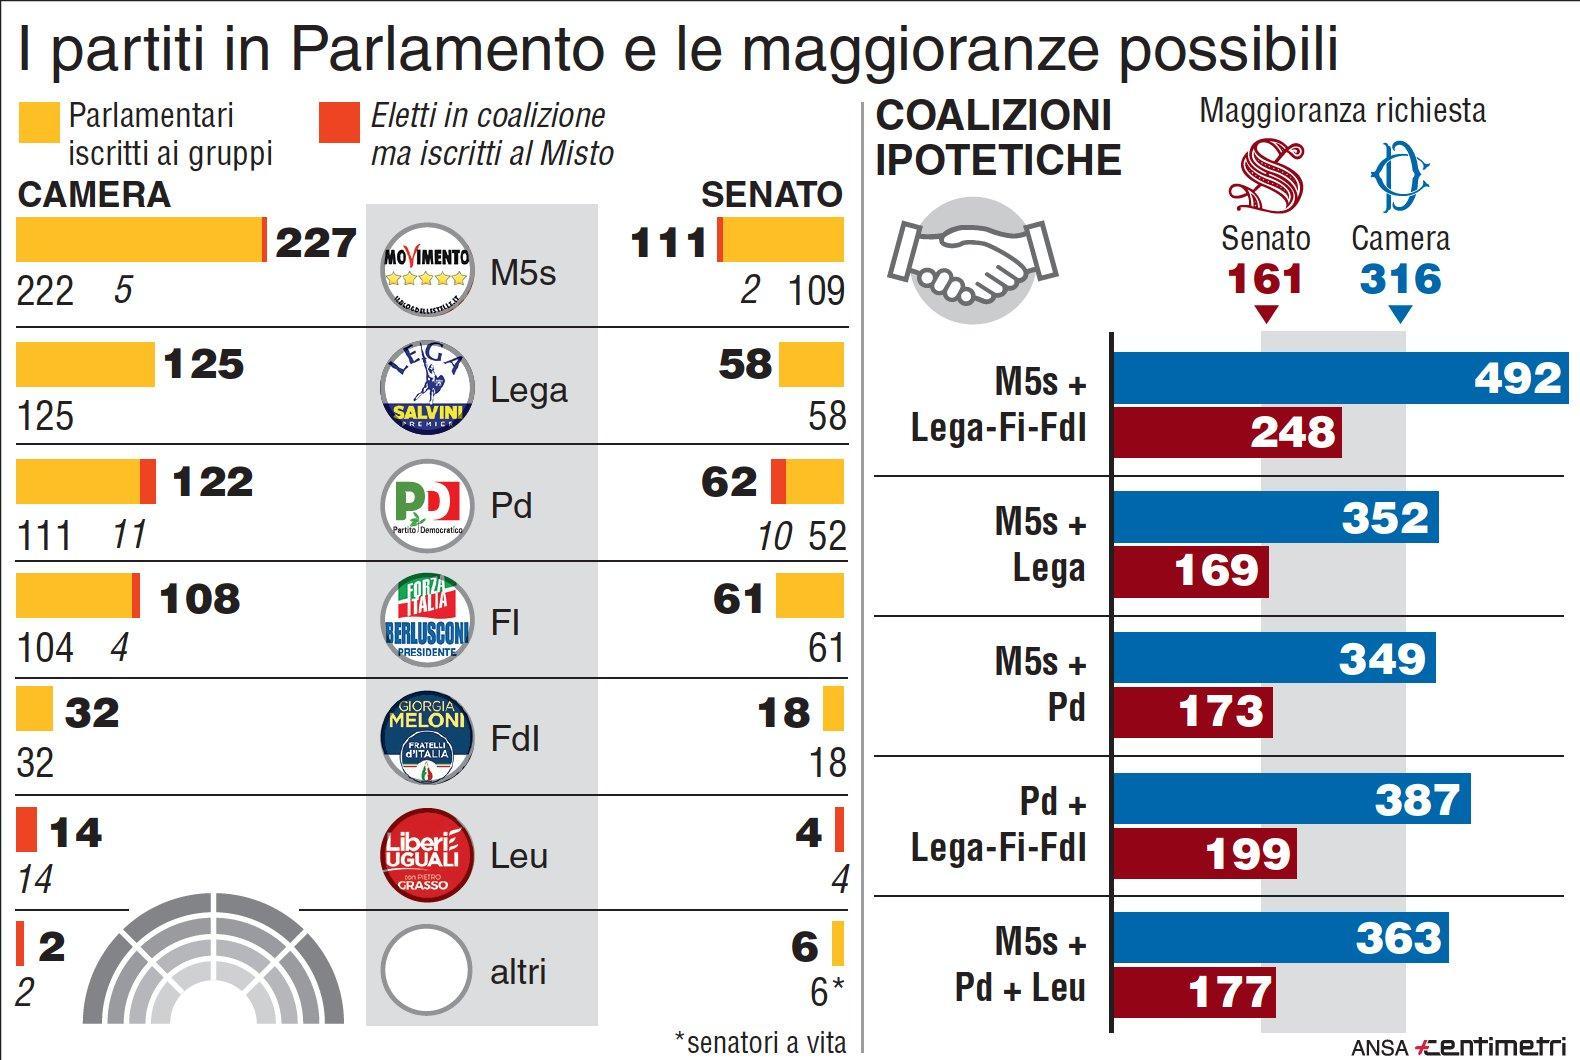 I partiti in Parlamento e le maggioranze possibili